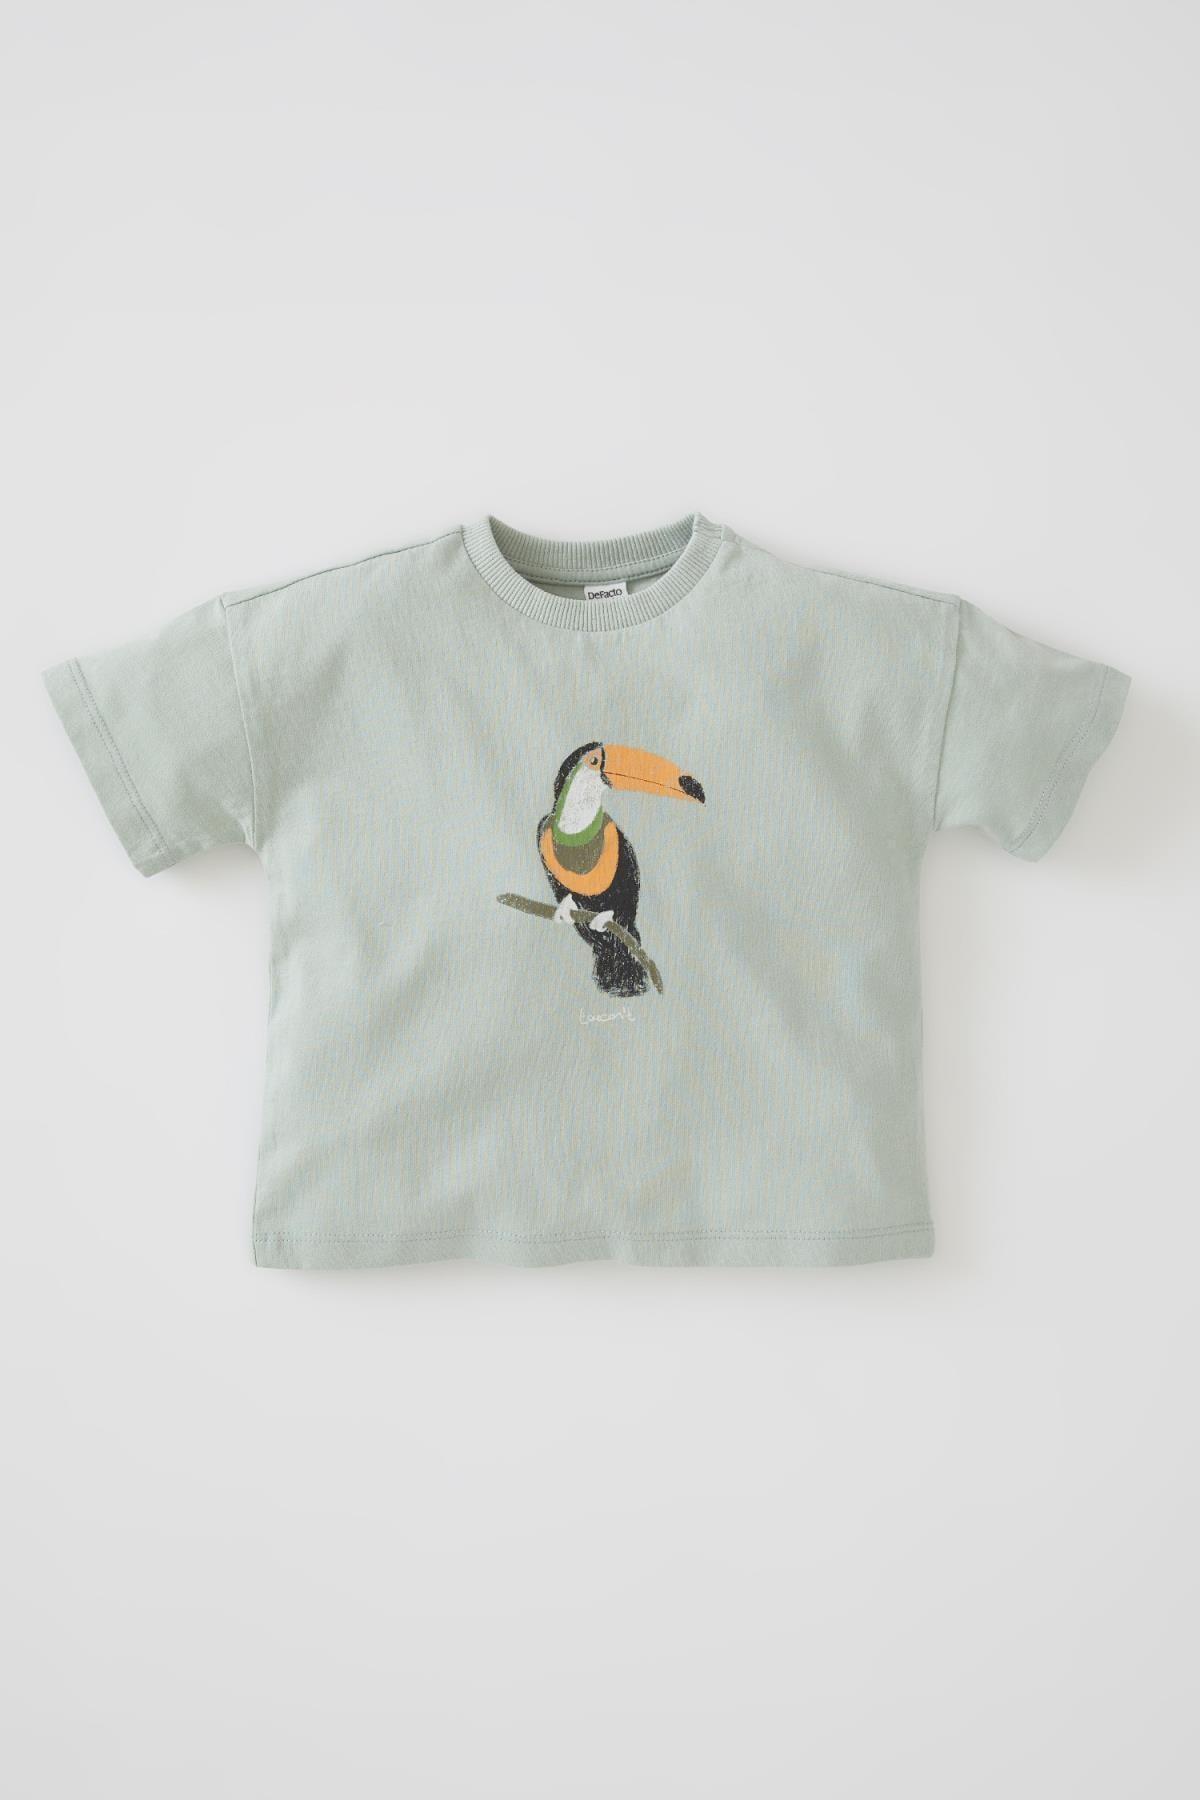 خرید تیشرت نوزاد پسرانه شیک برند دفاکتو رنگ فیروزه ای ty104352877